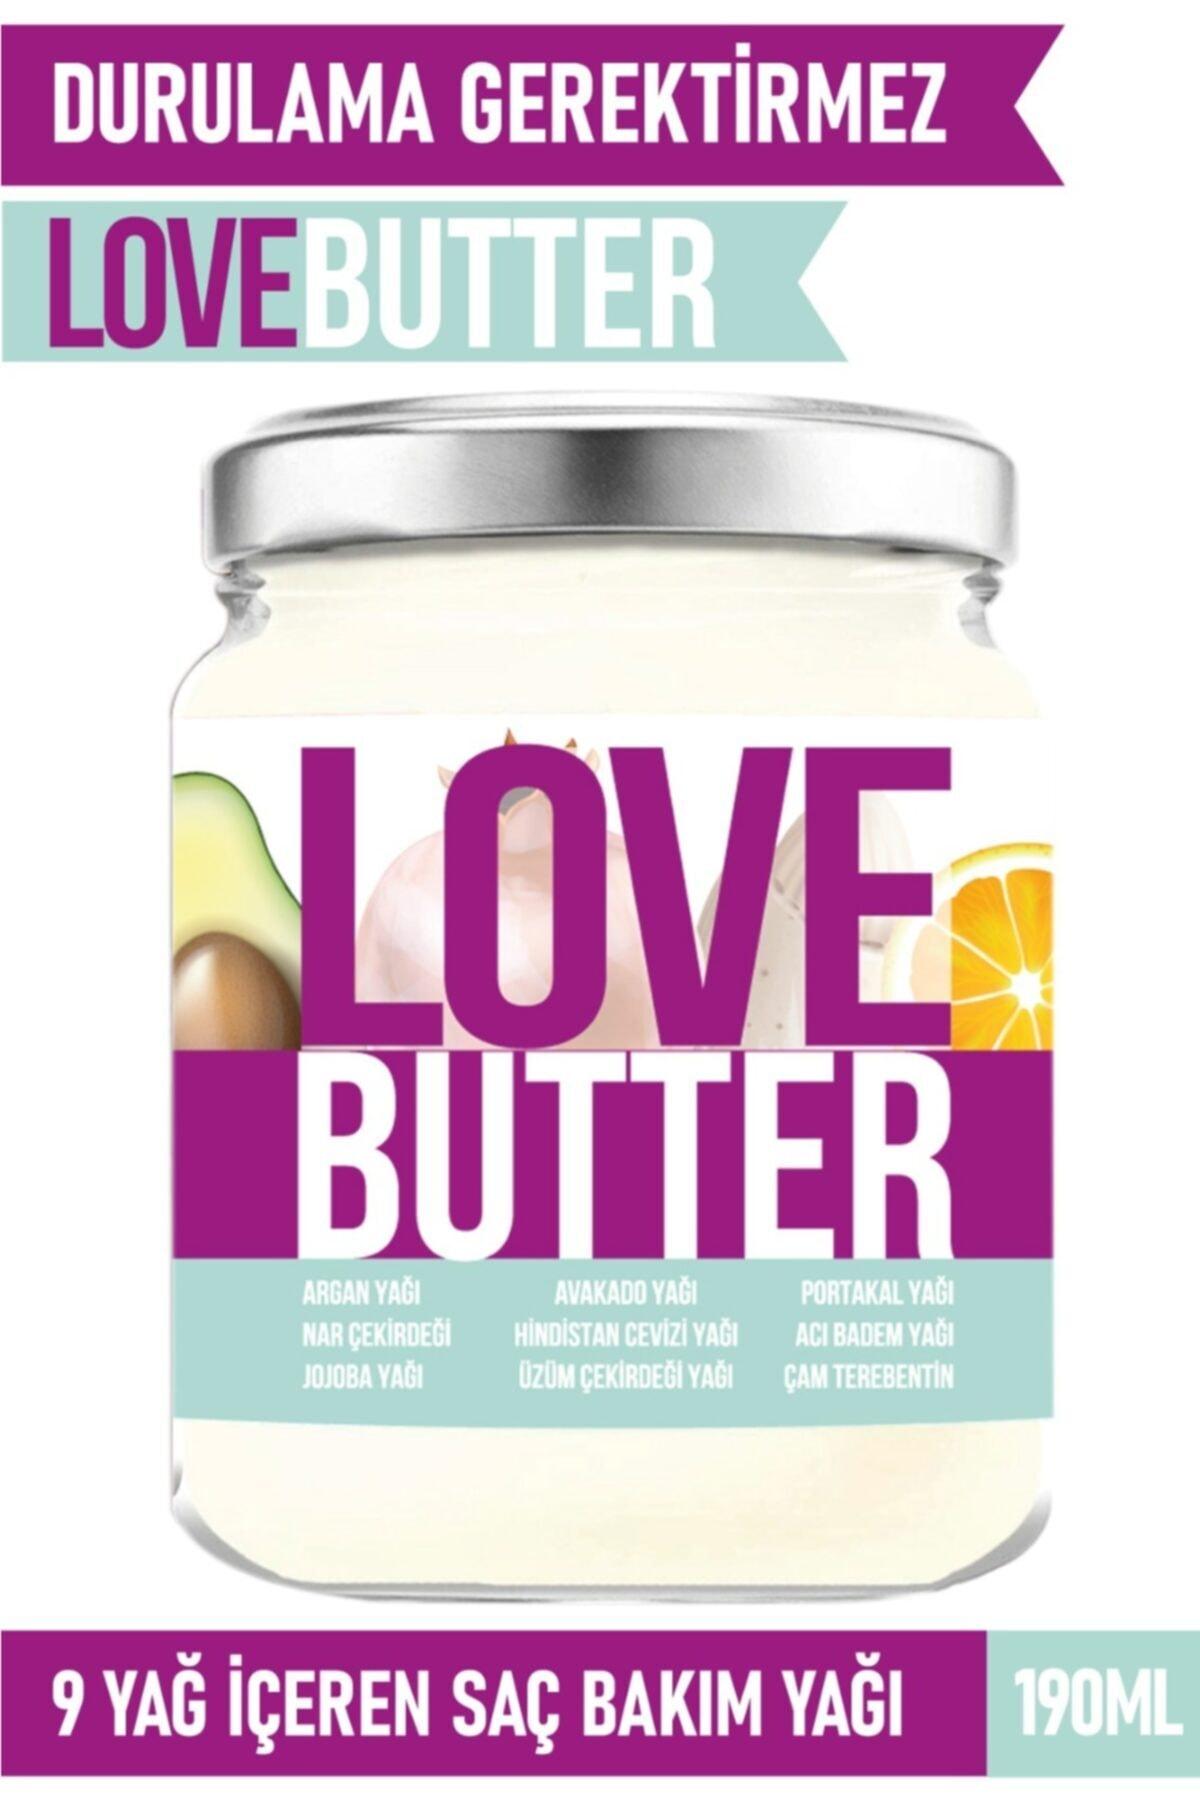 Love Butter Saç Bakım Yağı Saç Besleyici Ve Güçlendirici Saç Maskesi 190ml